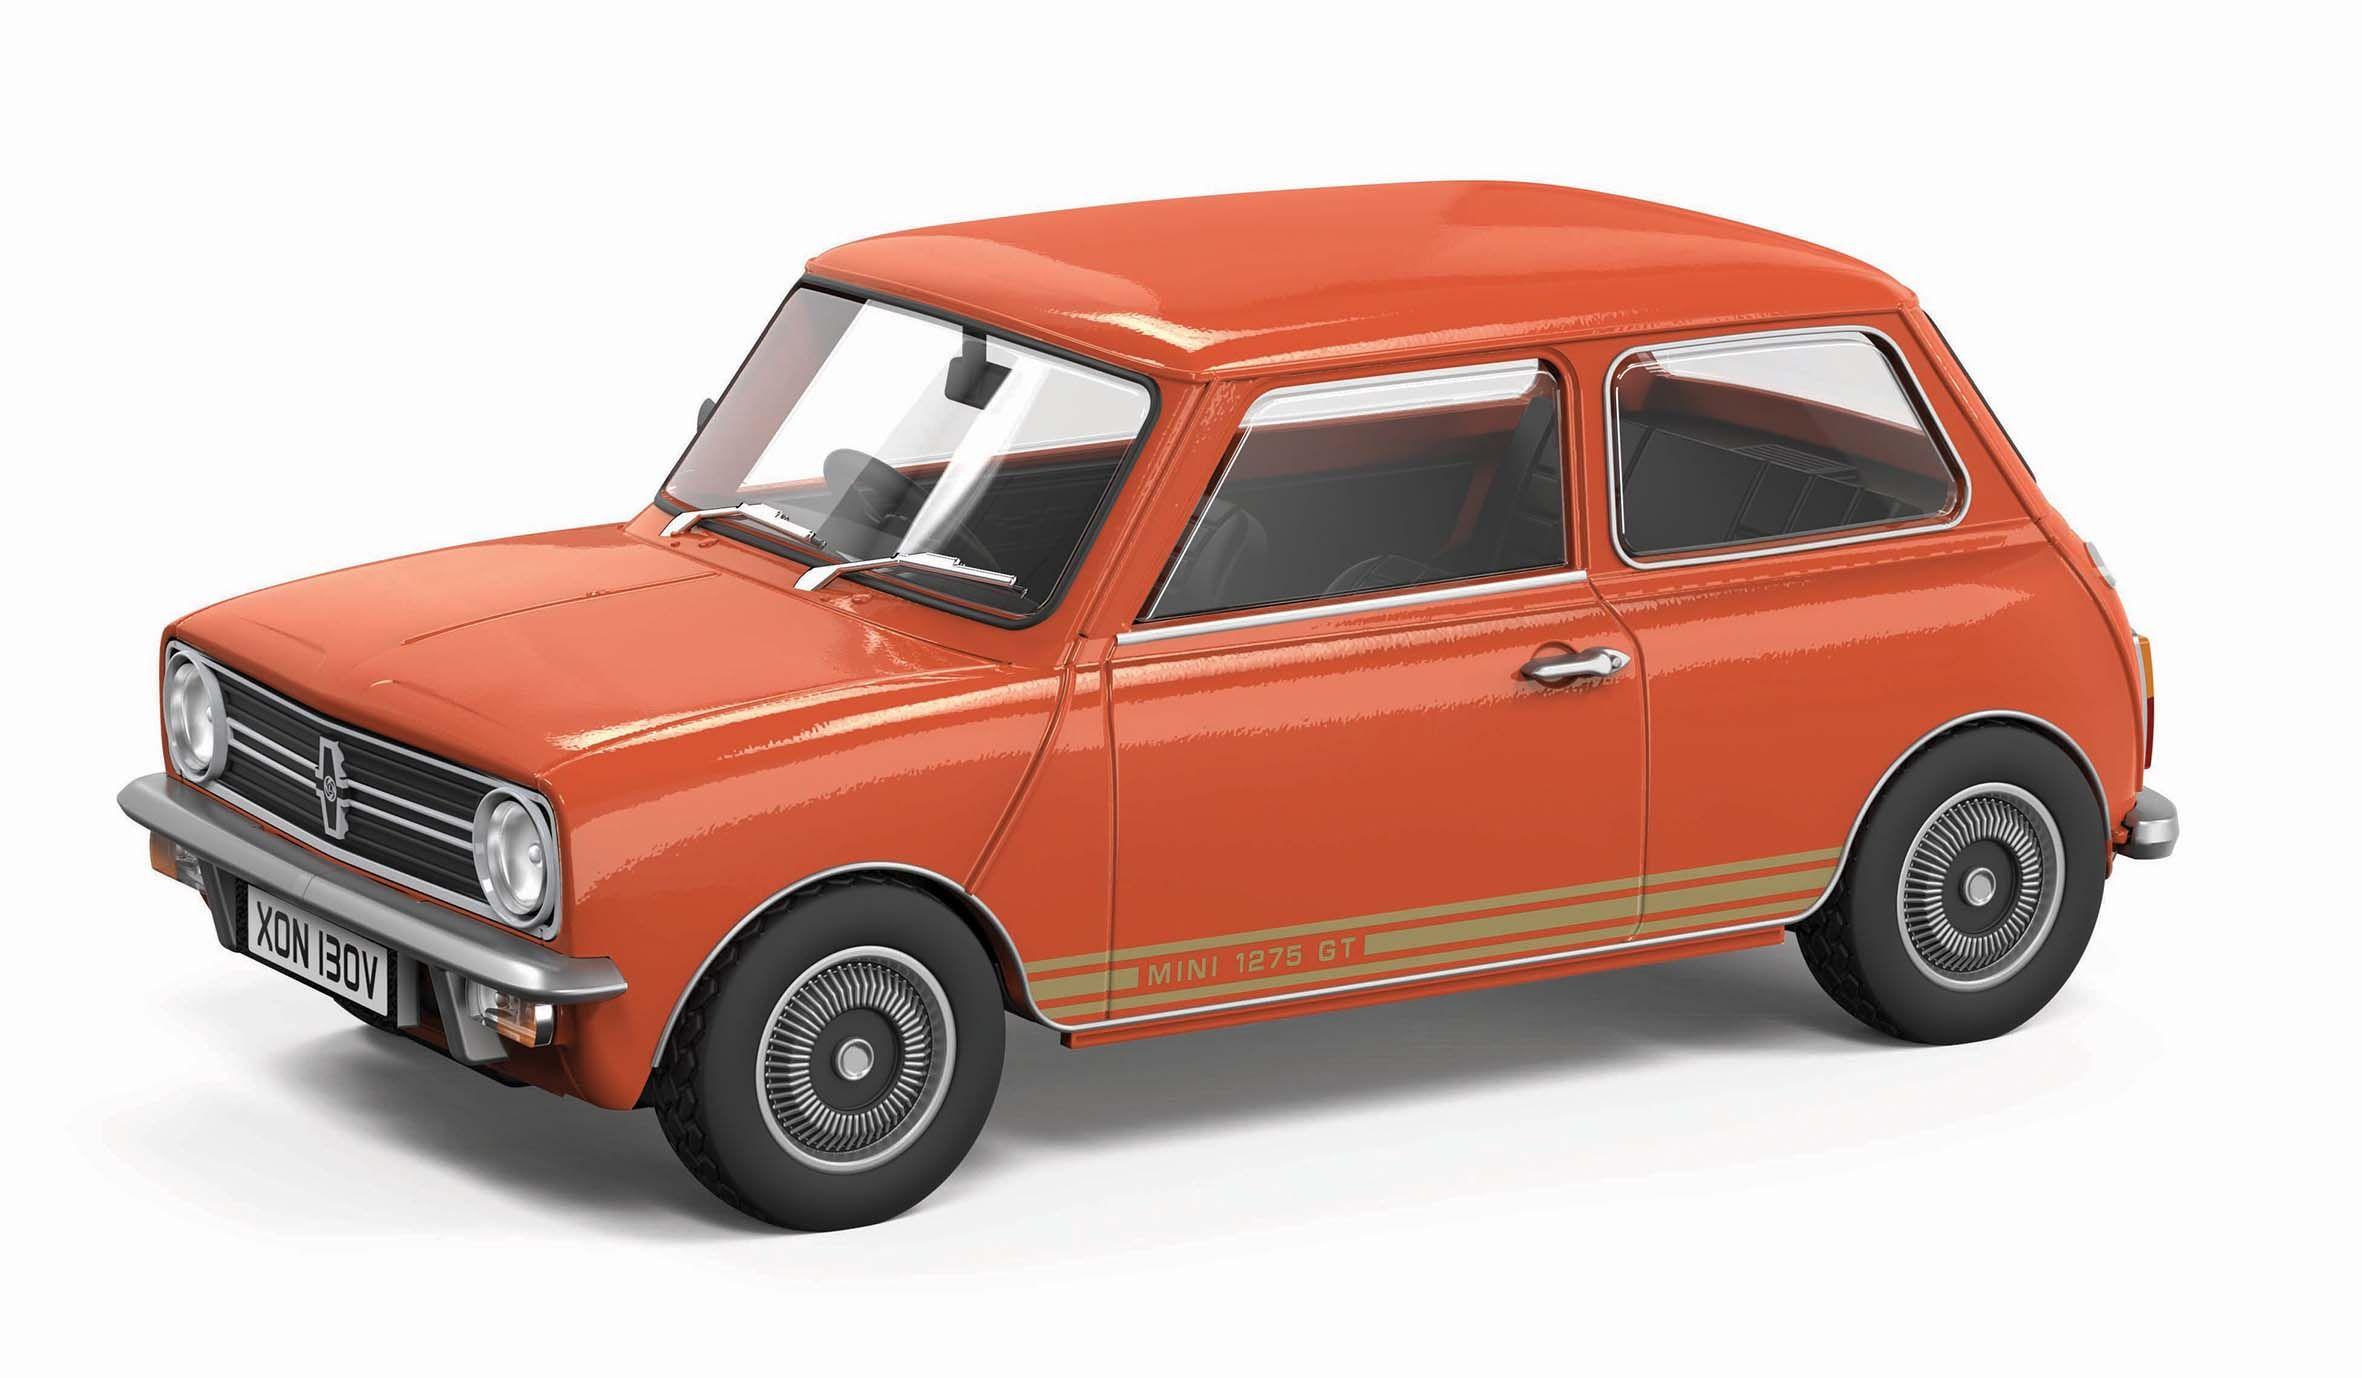 Vanguard 1:43 Mini 1275GT | Model Cars - Current Era | Pinterest ...